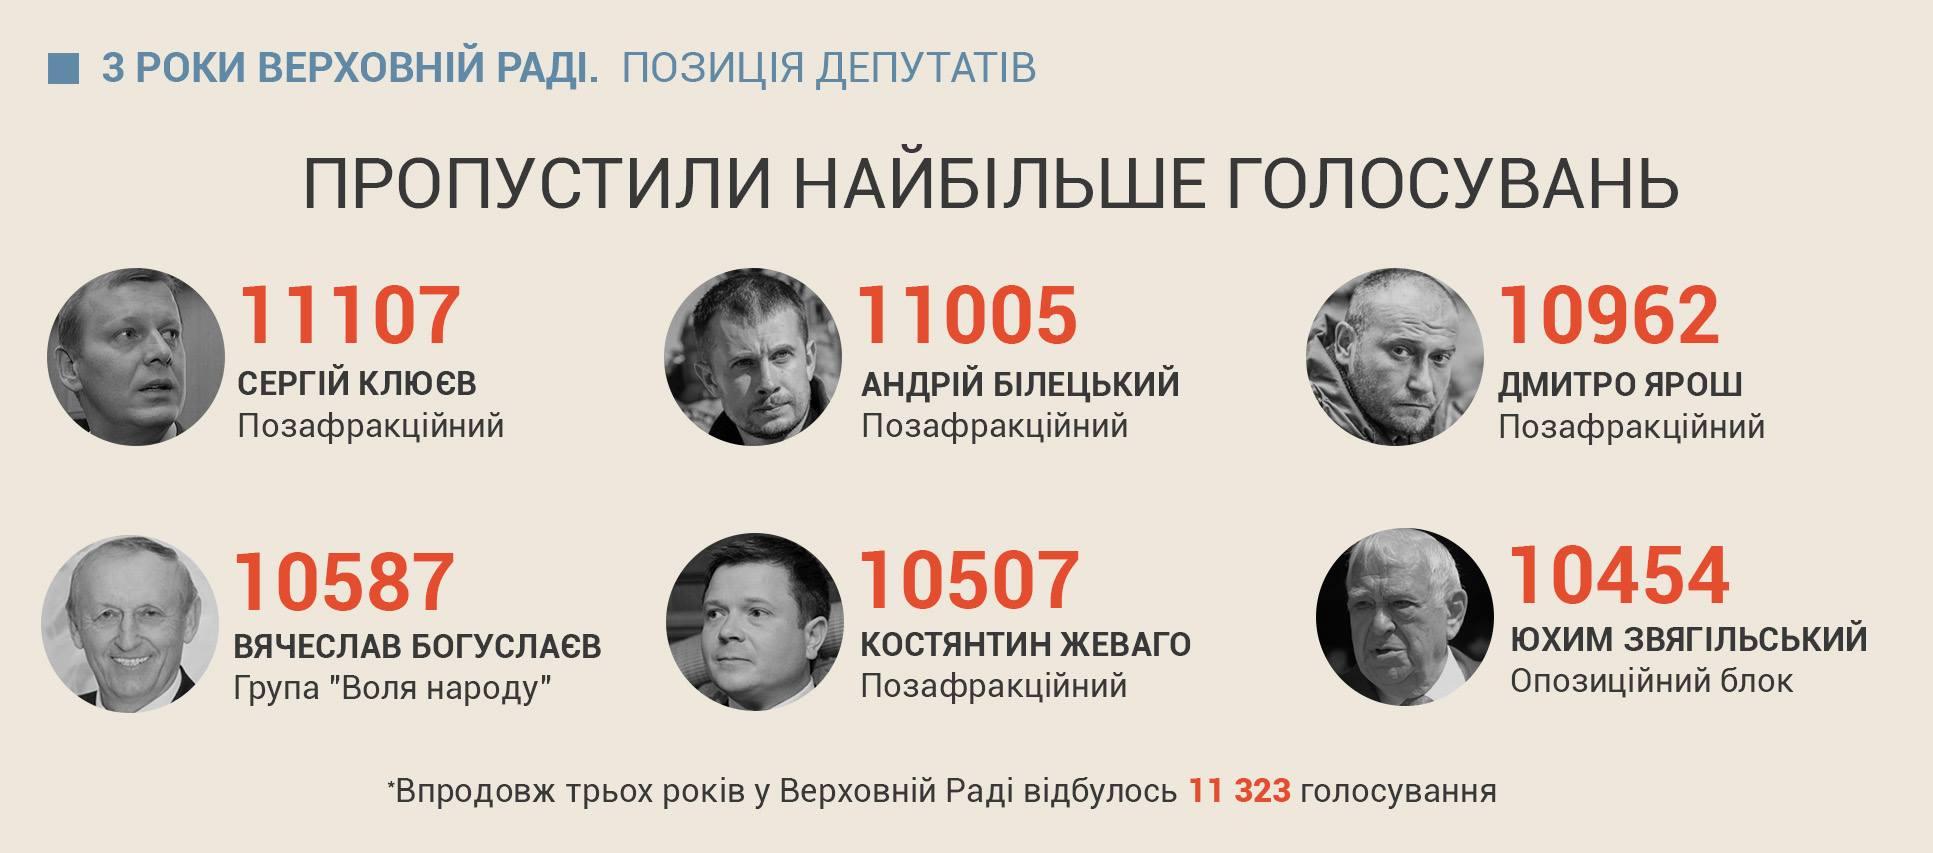 Найбільш відповідальна та найменш відповідальні депутати ВР – статистика